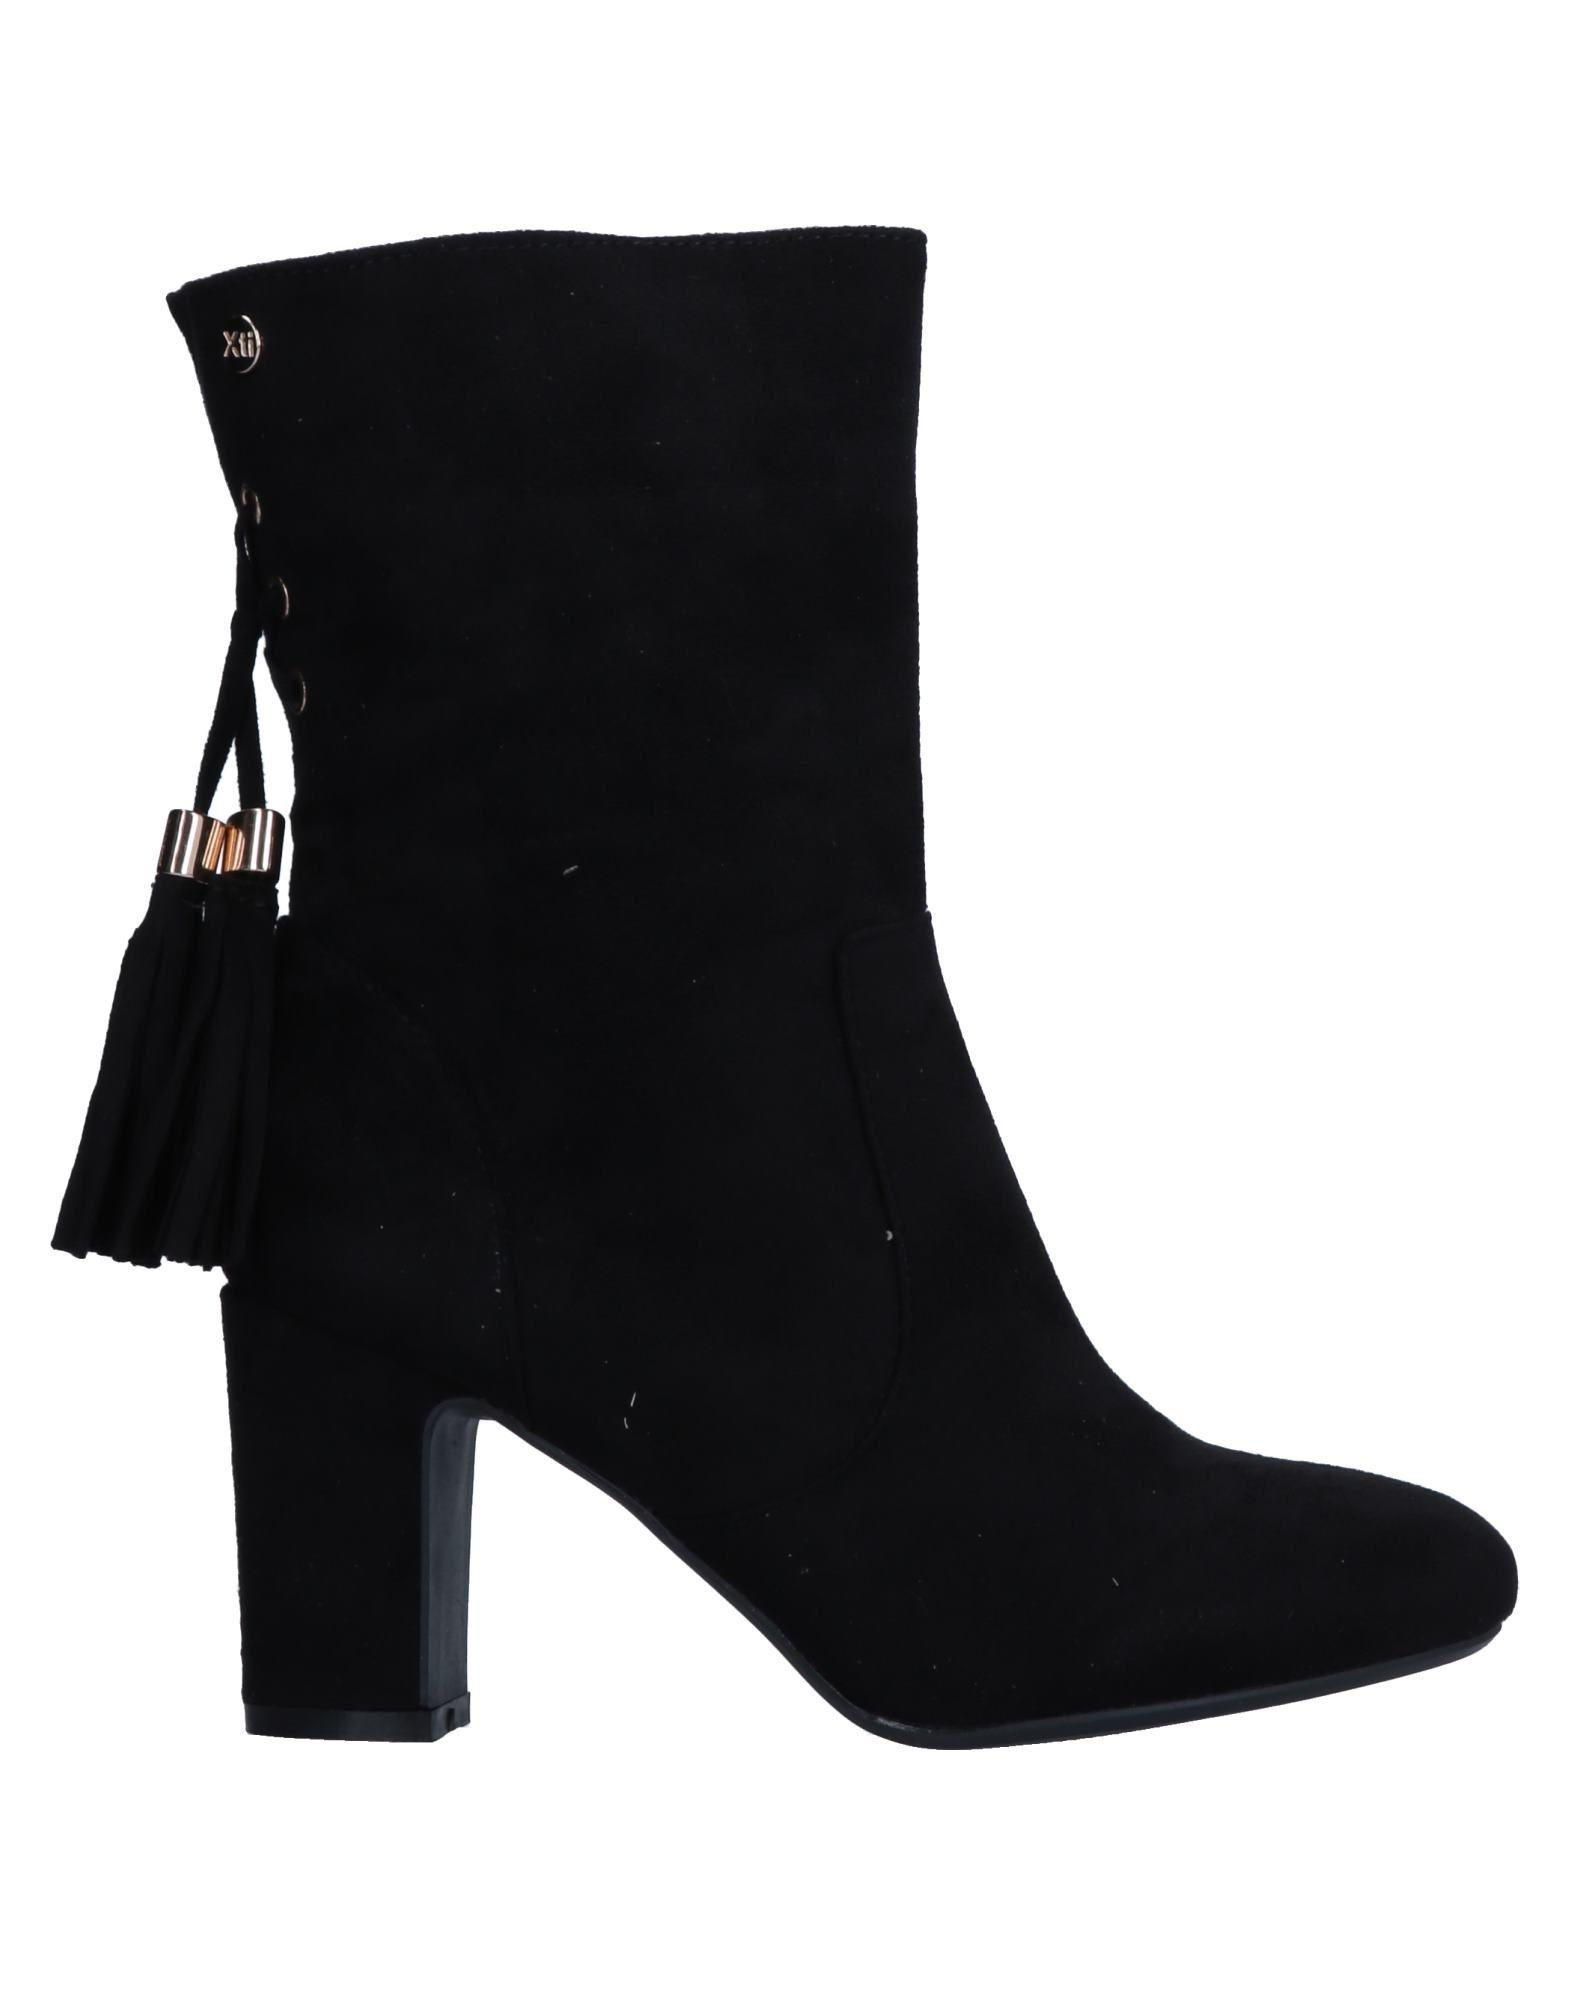 Xti Stiefelette Damen 11547975CC Gute Qualität beliebte Schuhe